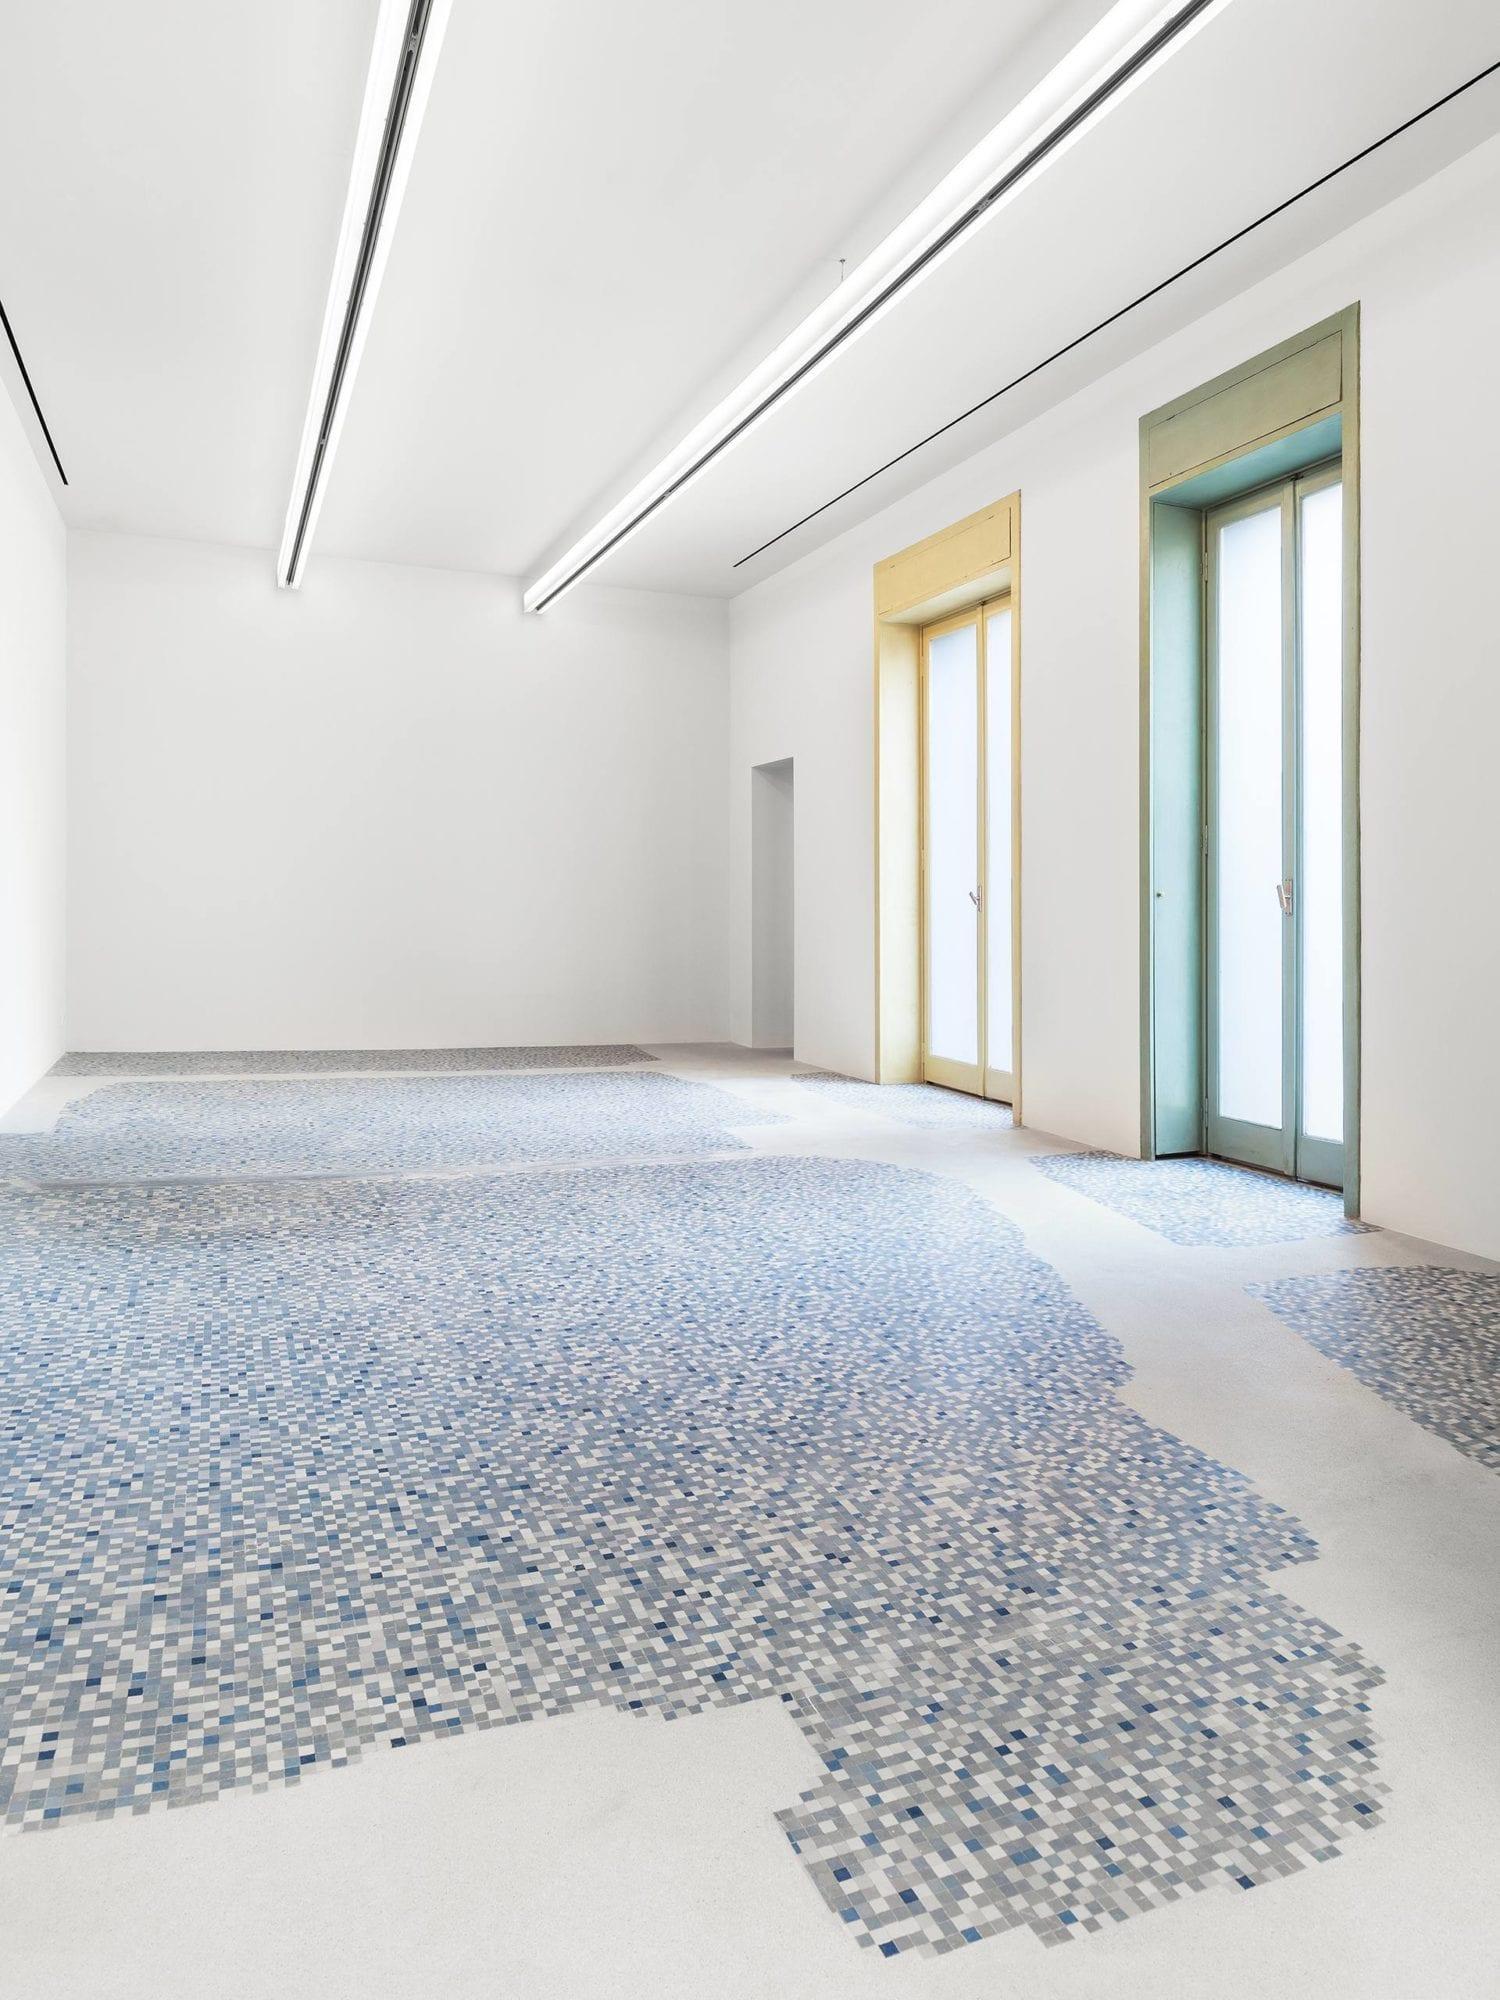 1930s Piero Portaluppi Milan Apartment Transformed Into Massimo De Carlo Gallery By Studio Binocle And Antonio Citterio Yellowtrace 12